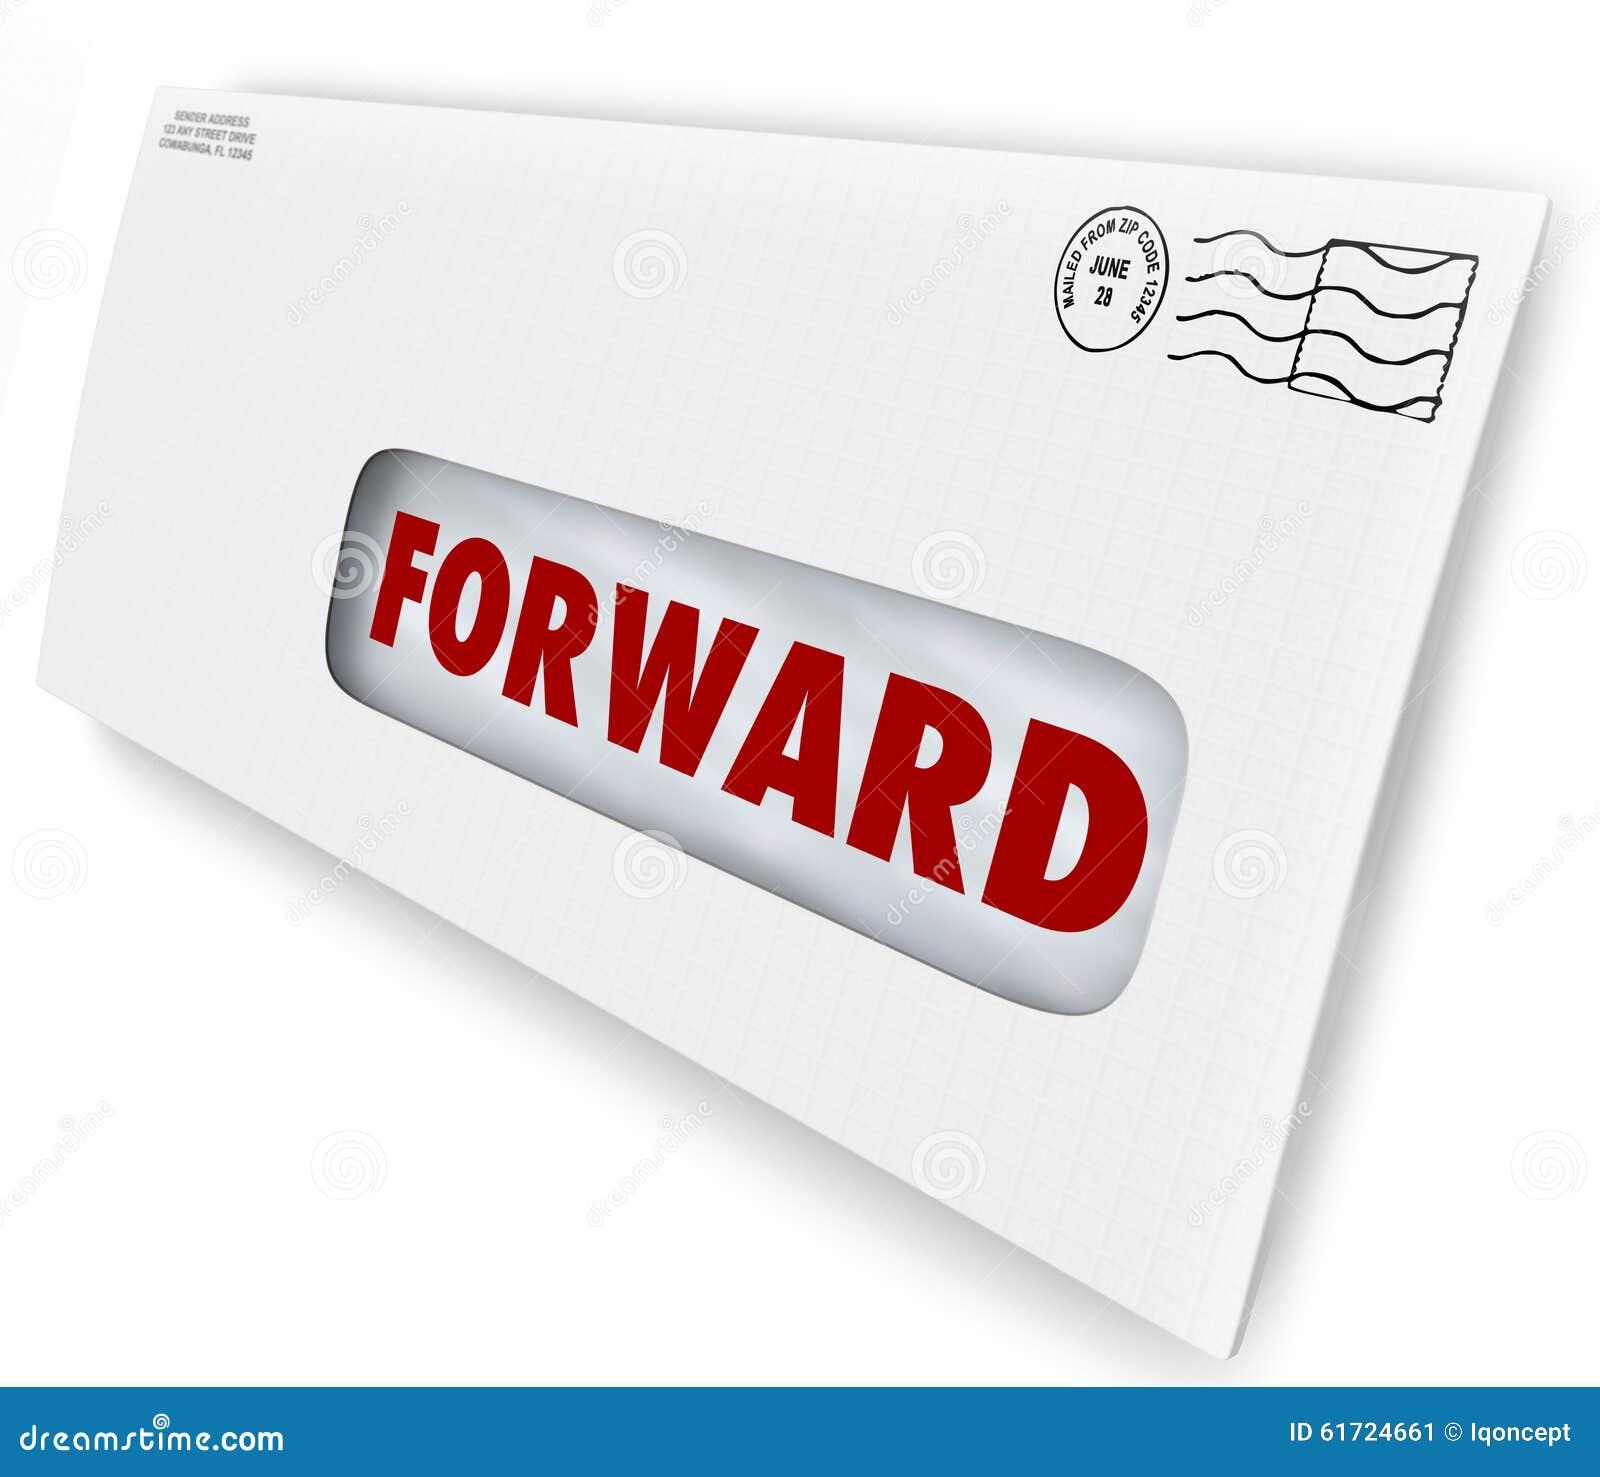 向前邮件假期中止交付送新的地址